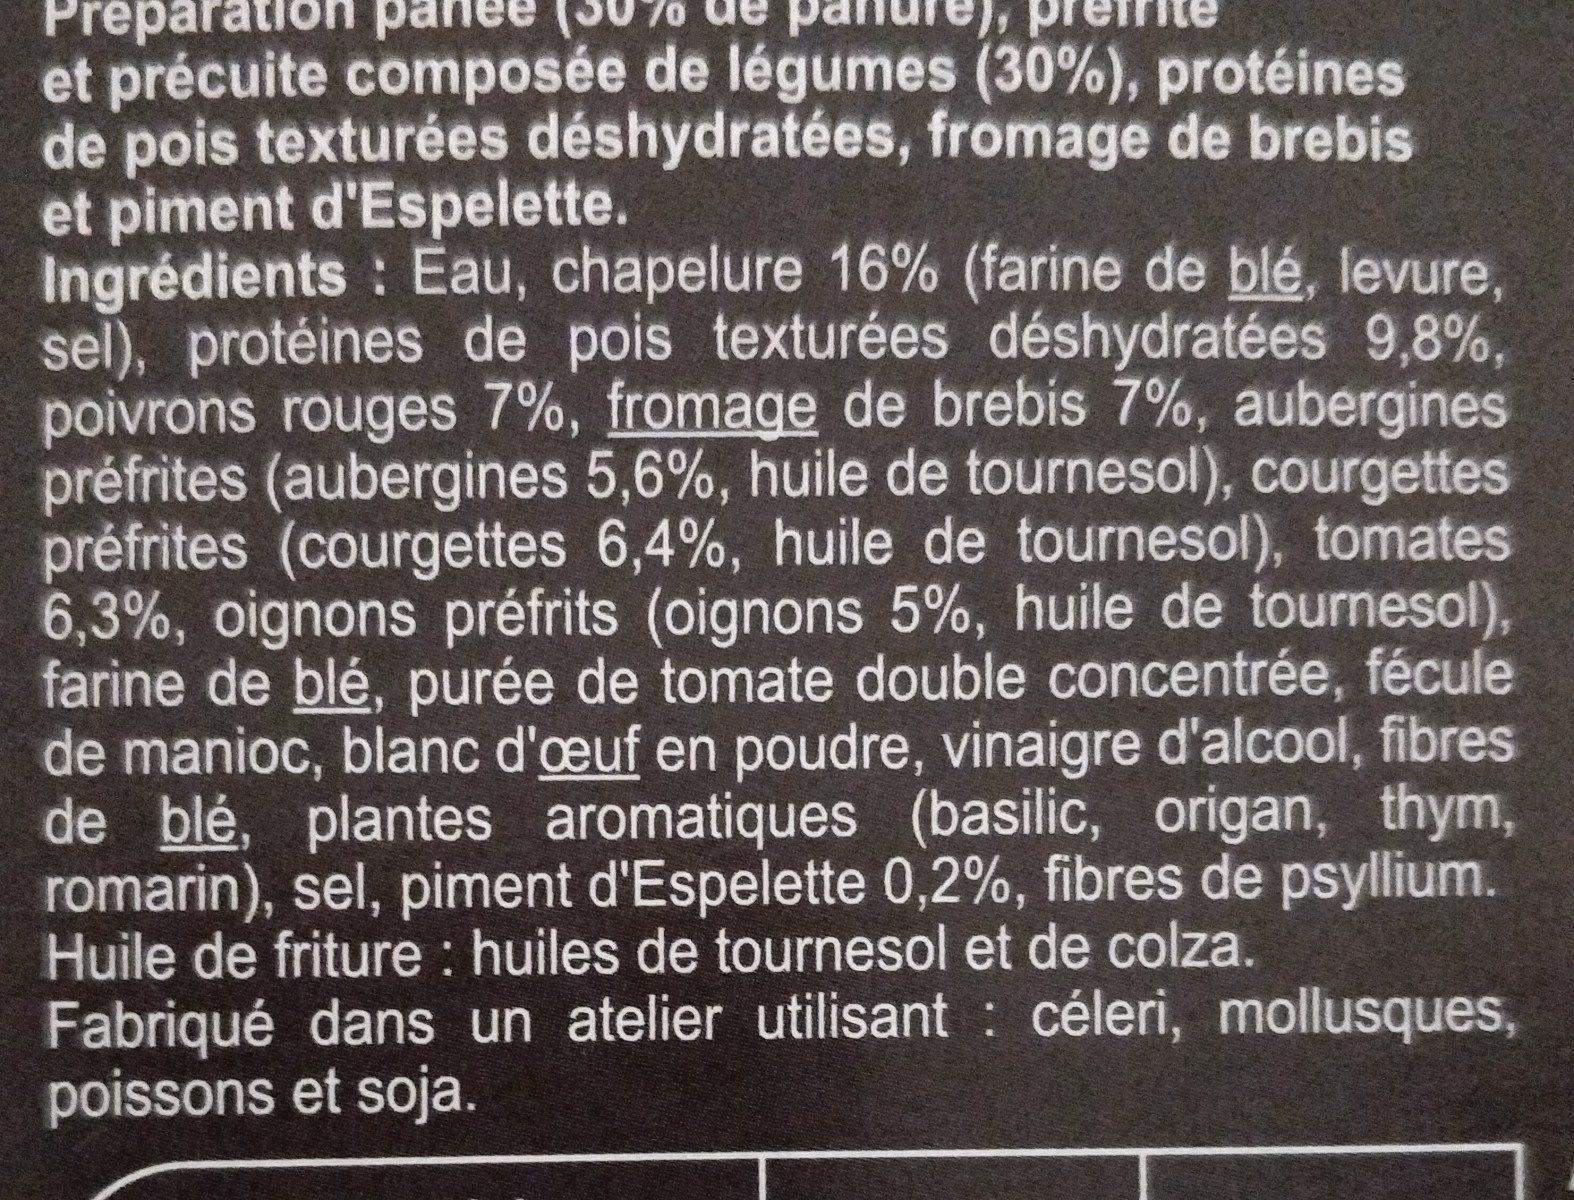 Panés gourmands Pois, poivron, piment d'Espelette - Ingredienti - fr